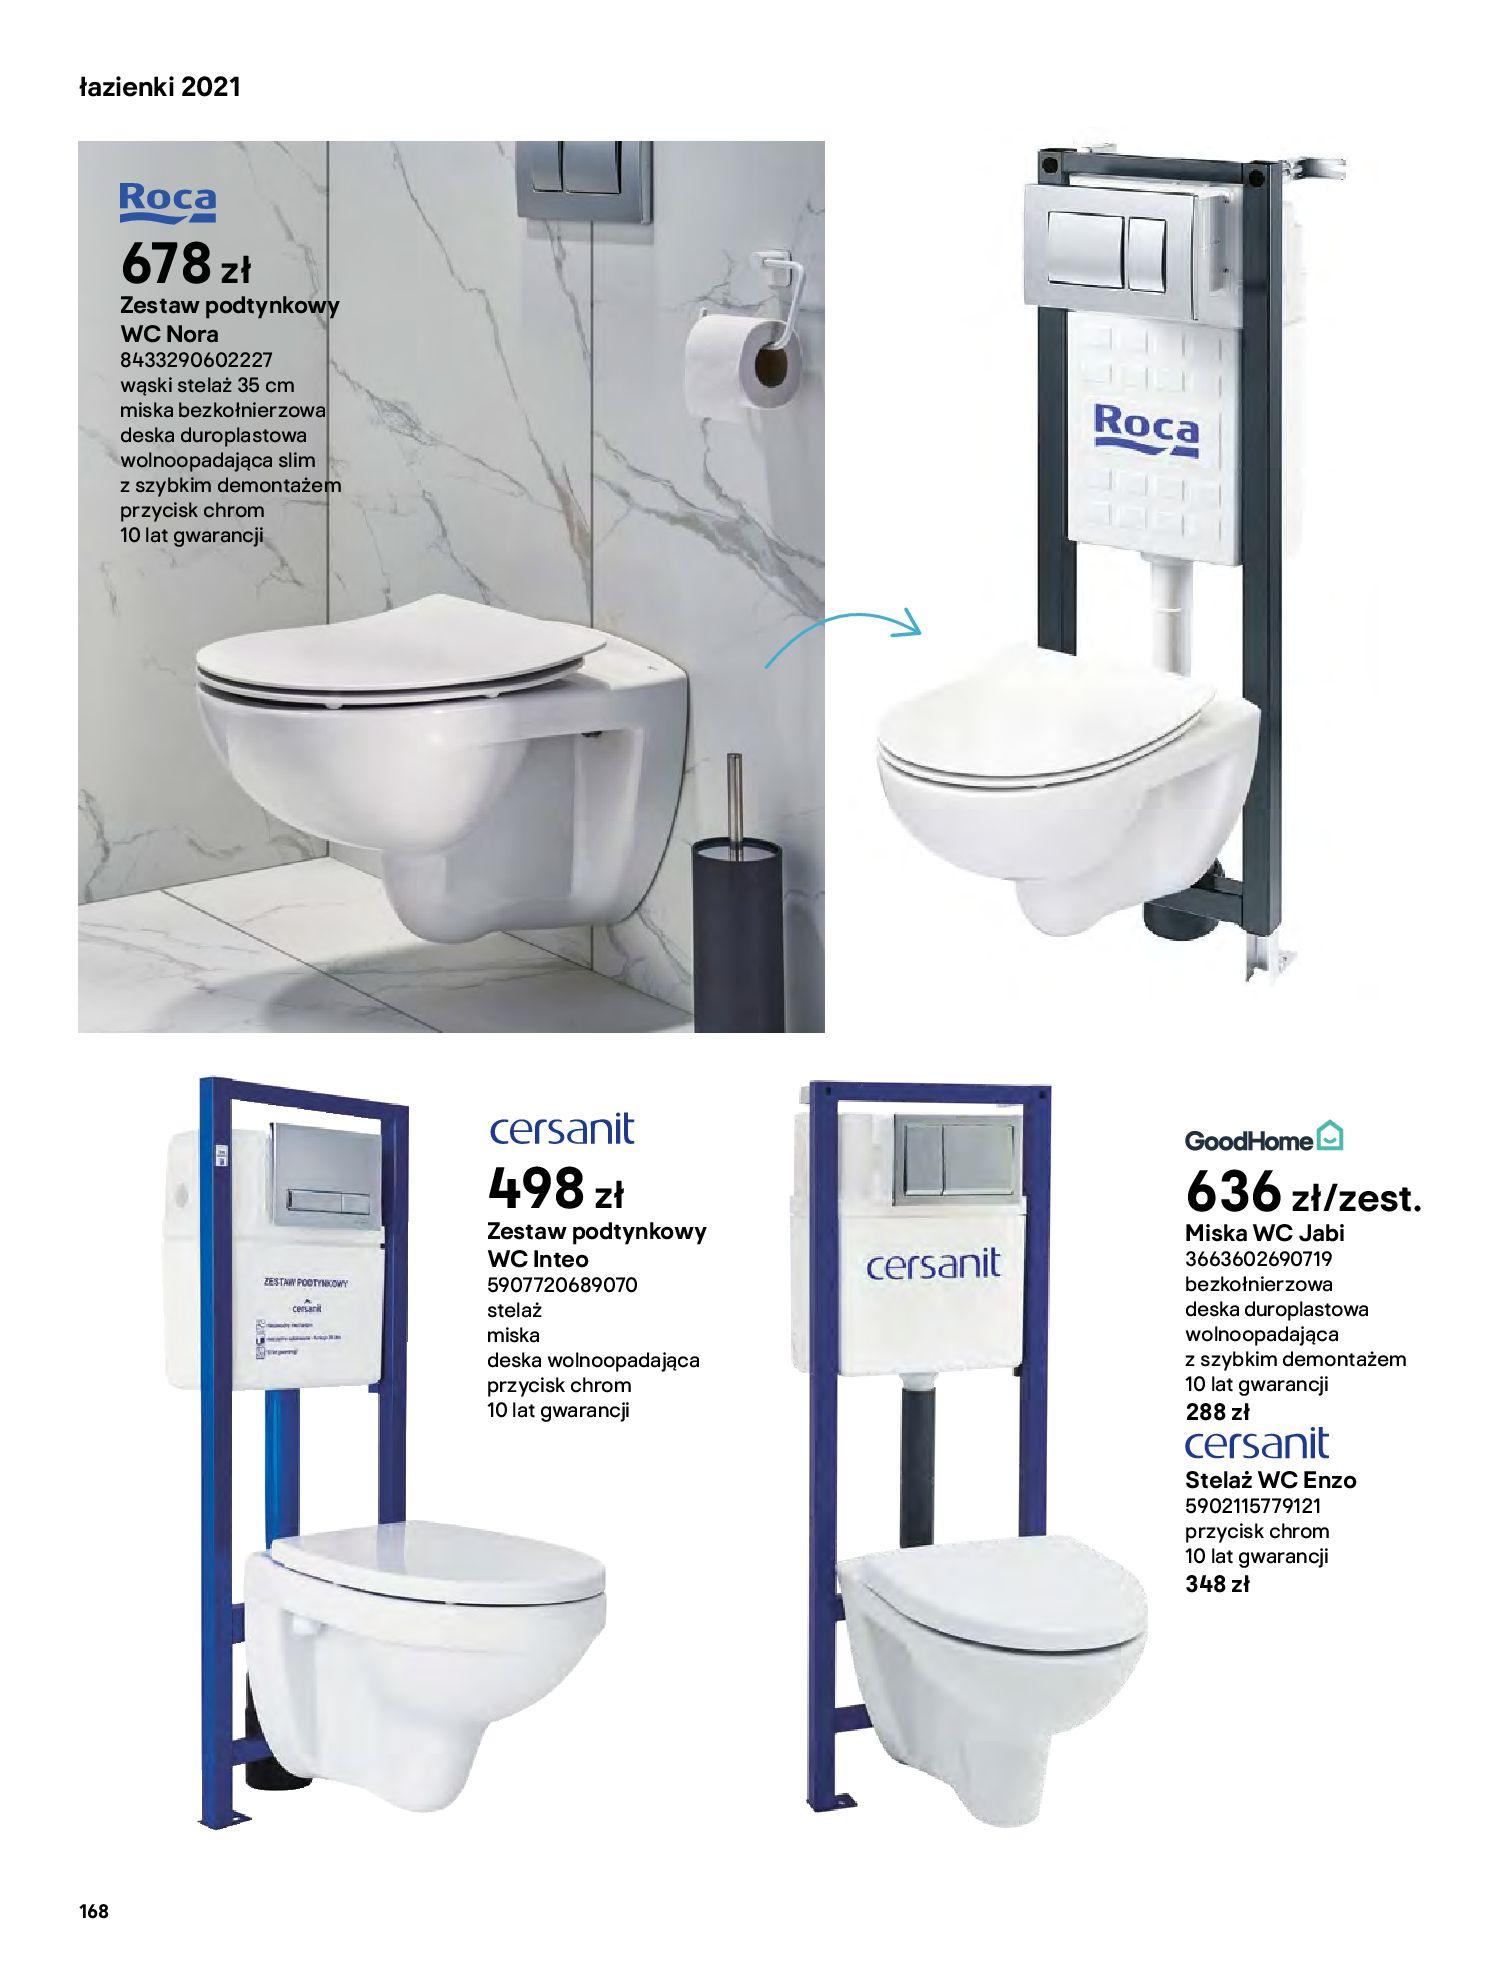 Gazetka Castorama: Gazetka Castorama - katalog łazienki 2021 2021-06-16 page-168